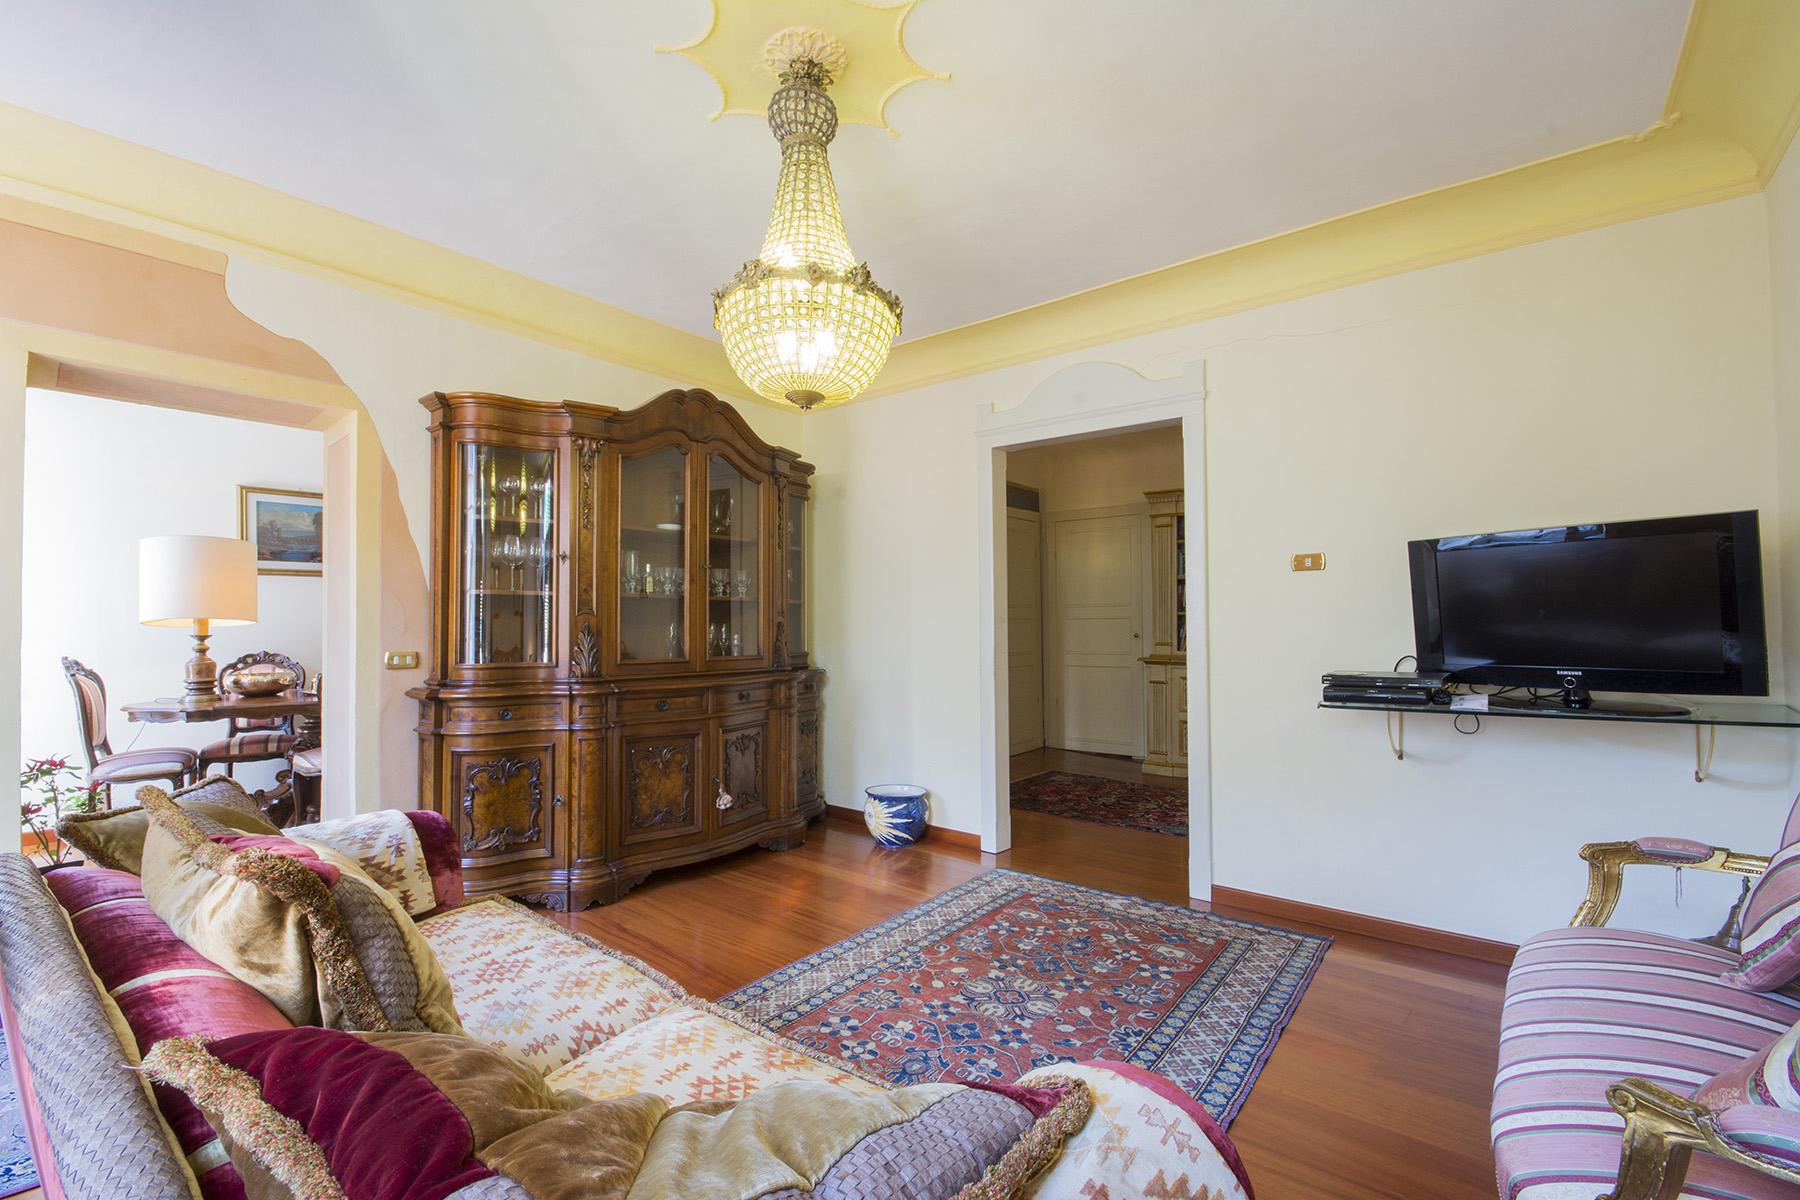 Appartamento in Vendita a Lucca: 5 locali, 115 mq - Foto 3